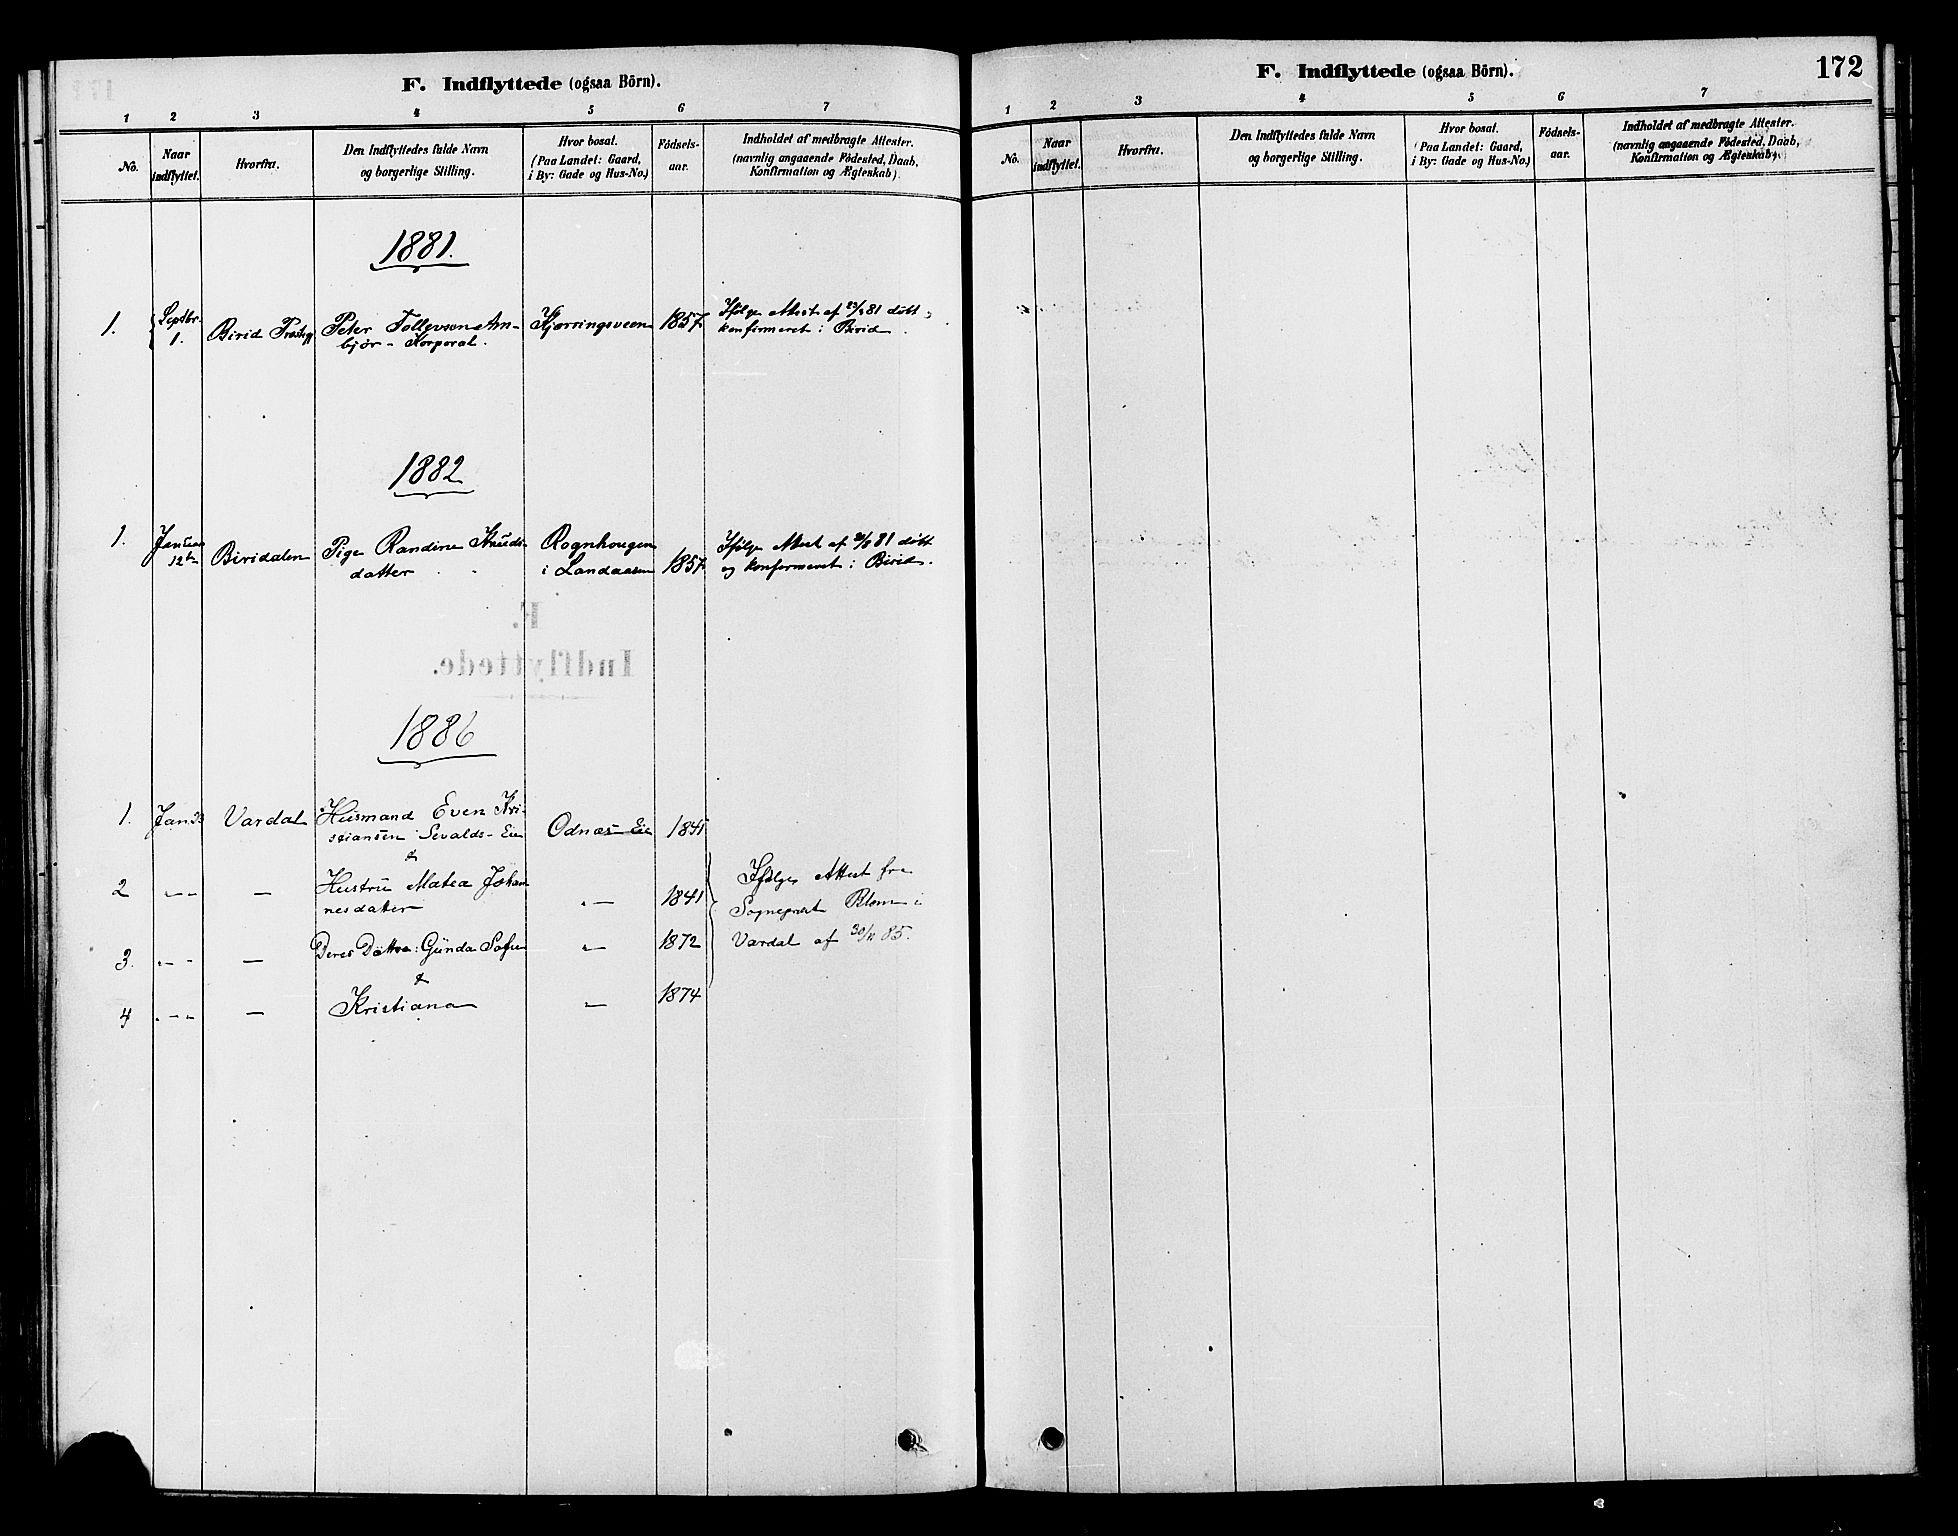 SAH, Søndre Land prestekontor, K/L0002: Ministerialbok nr. 2, 1878-1894, s. 172